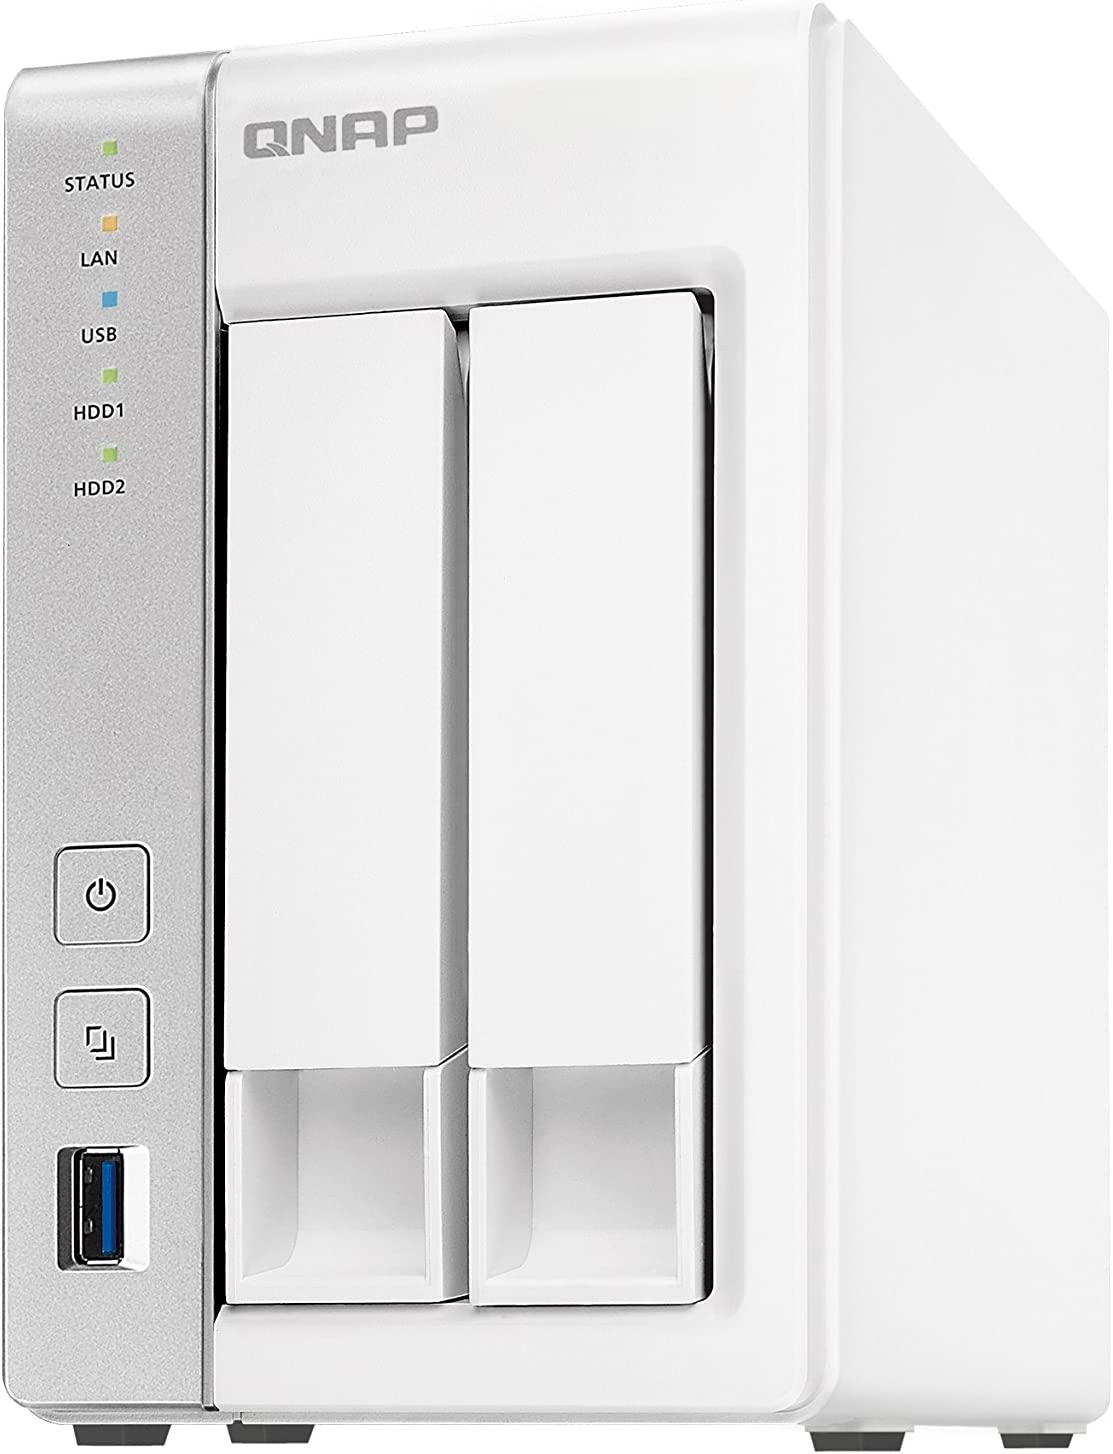 QNAP TS-231P Ethernet Escritorio Gris, Blanco NAS - Unidad Raid (16 TB, Unidad de Disco Duro, Unidad de Disco Duro, SSD, Serial ATA III, 8000 GB, 3.5